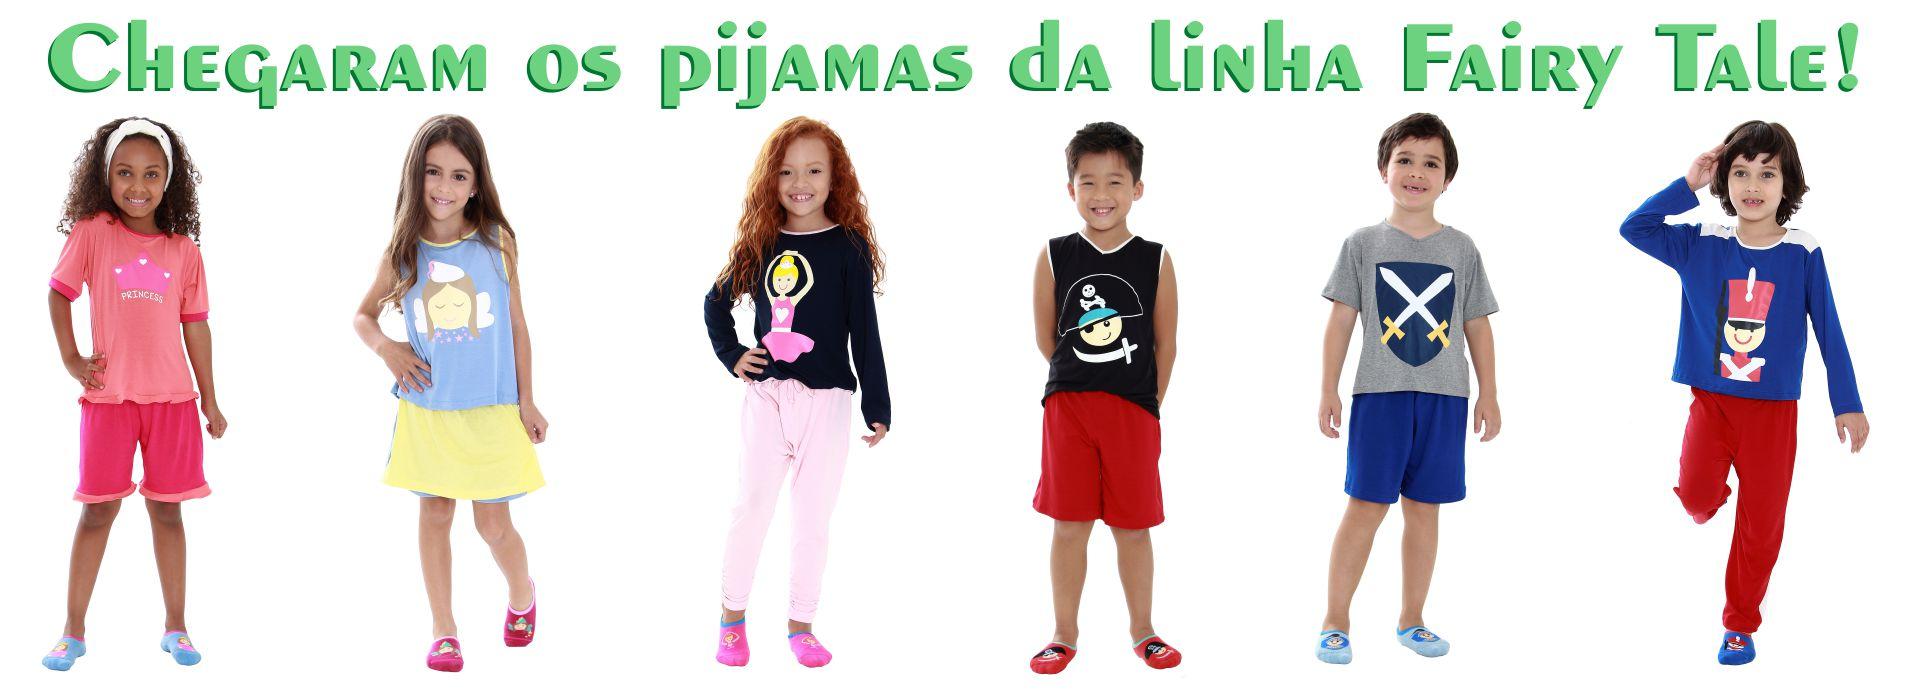 pijama colorido